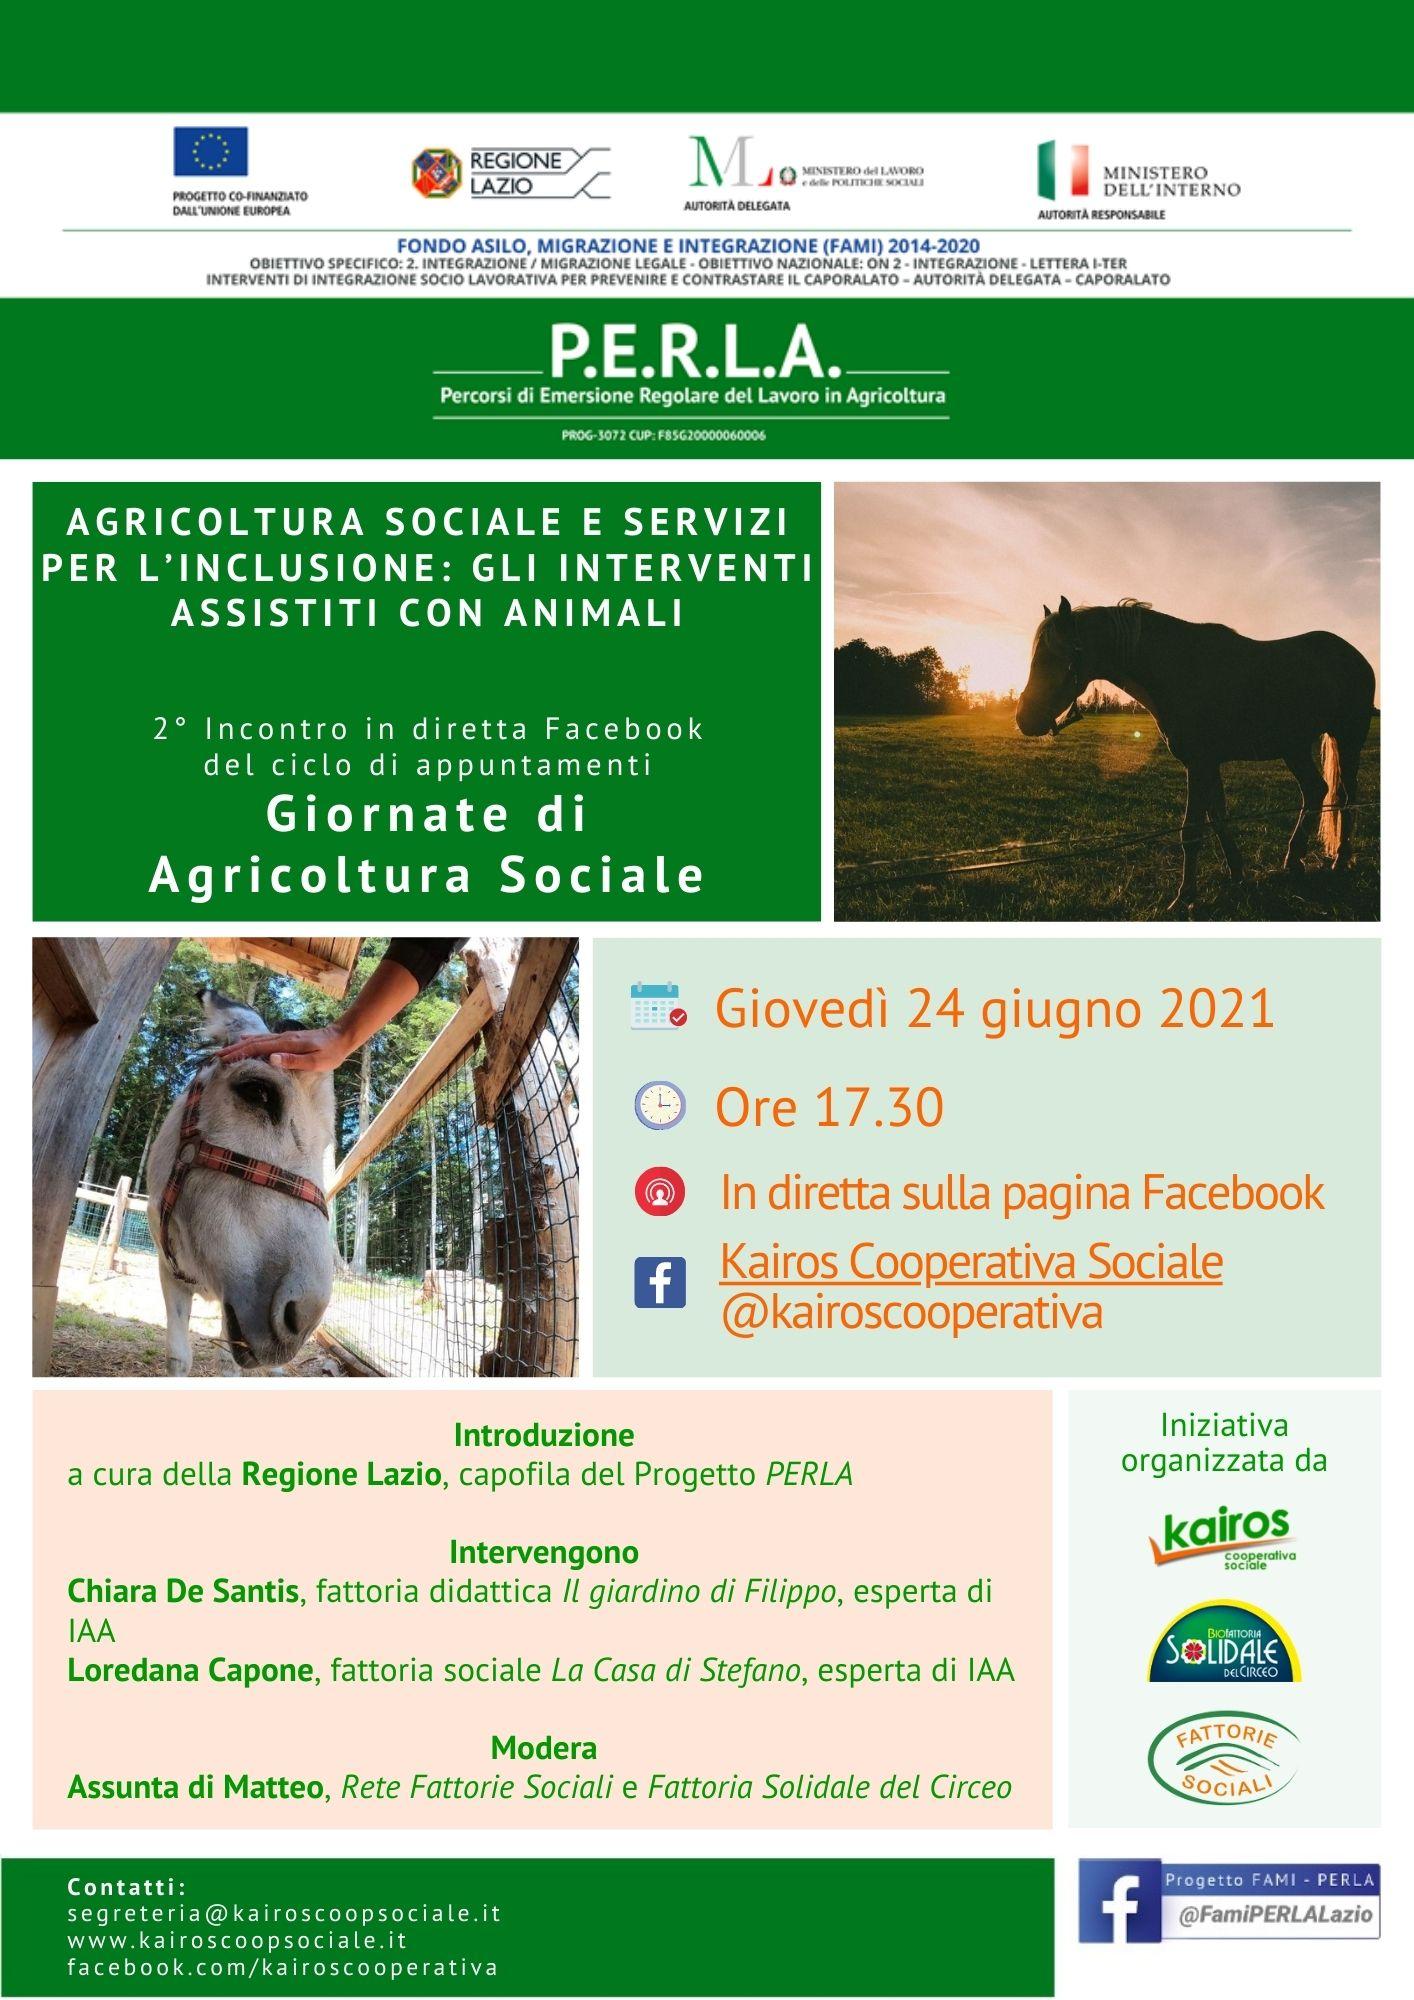 Agricoltura Sociale e Servizi per l'inclusione: gli Interventi Assistiti con Animali